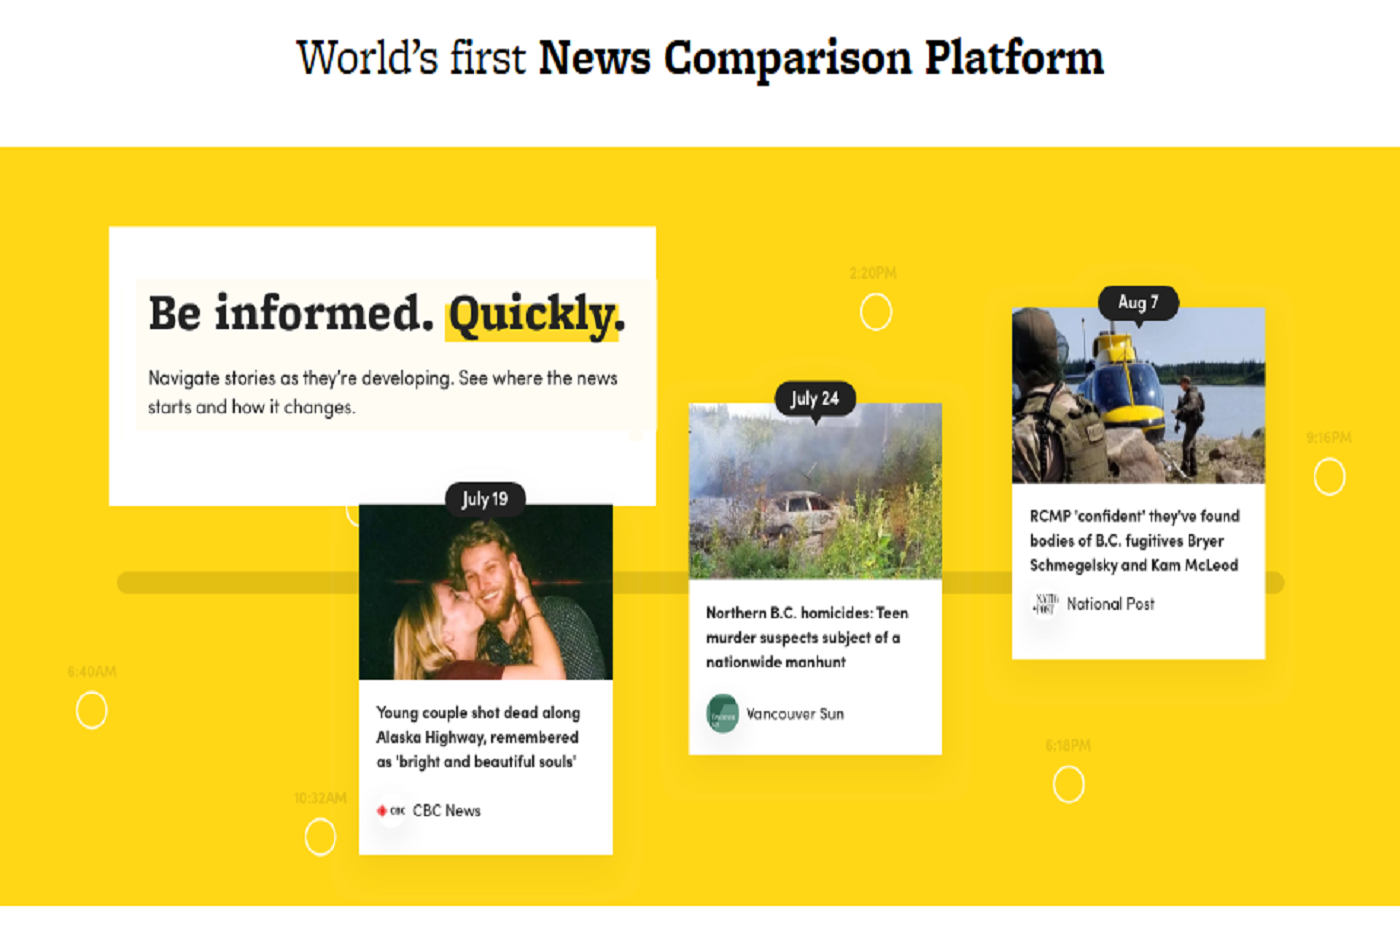 Grâce à cette application, les internautes ont accès à des sources d'information plus diversifiées